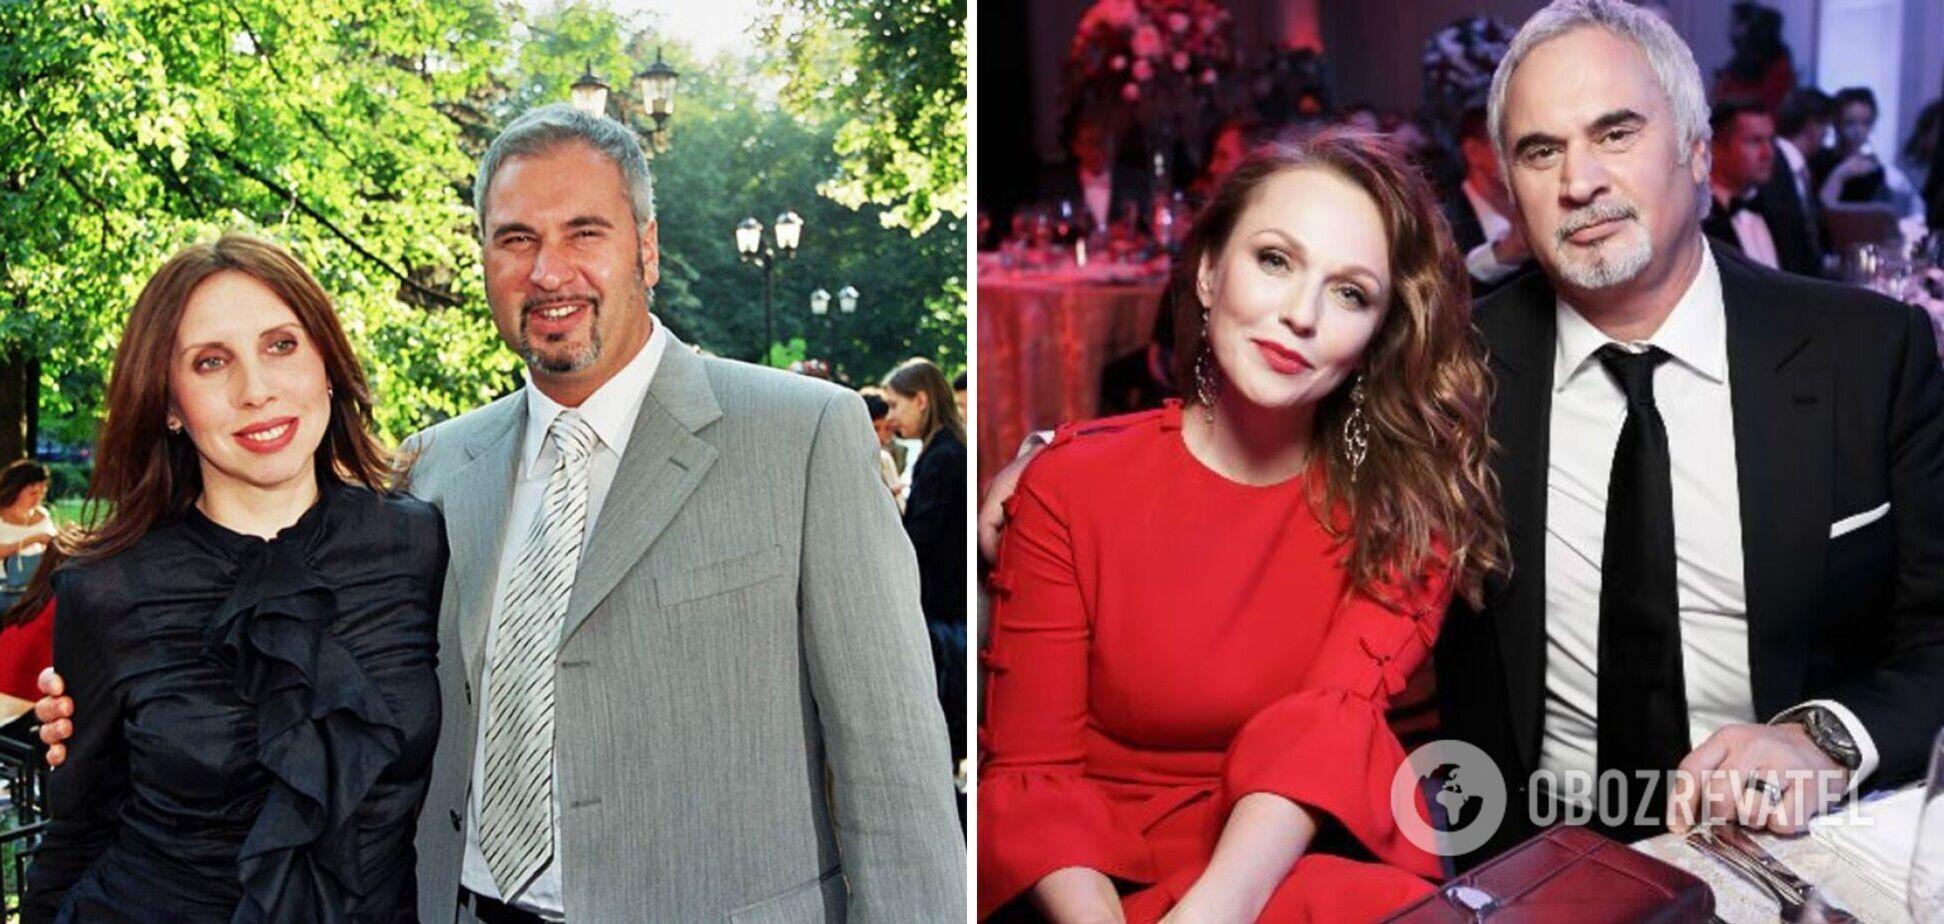 Валерий Меладзе рассказал о разводе с первой женой и начале отношений с Джанабаевой